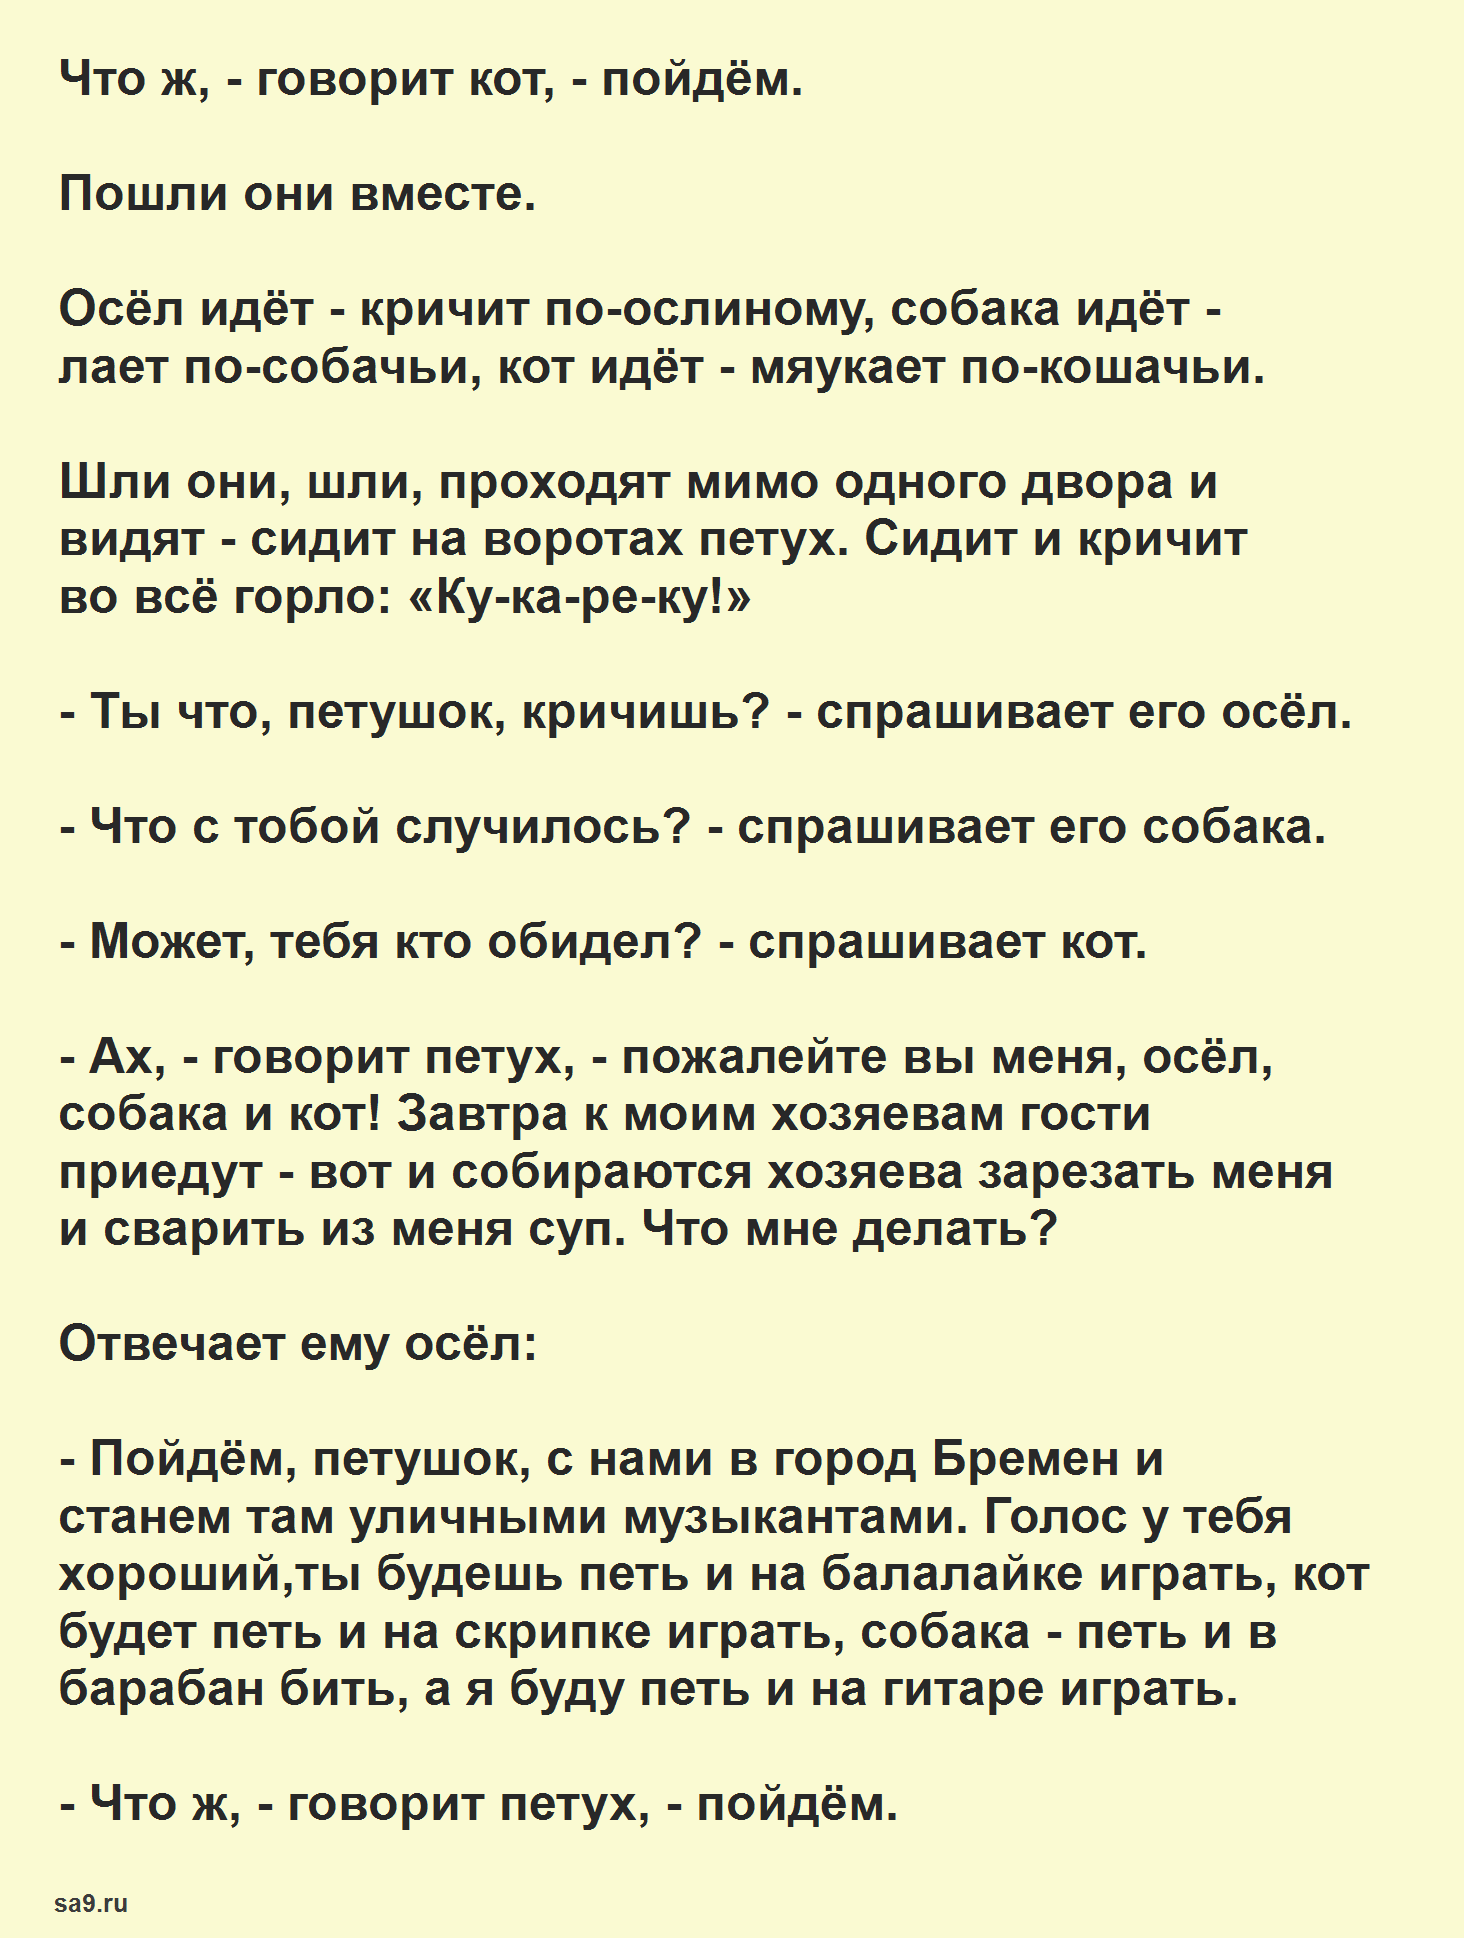 Читать интересную сказку - Бременские музыканты, братья Гримм